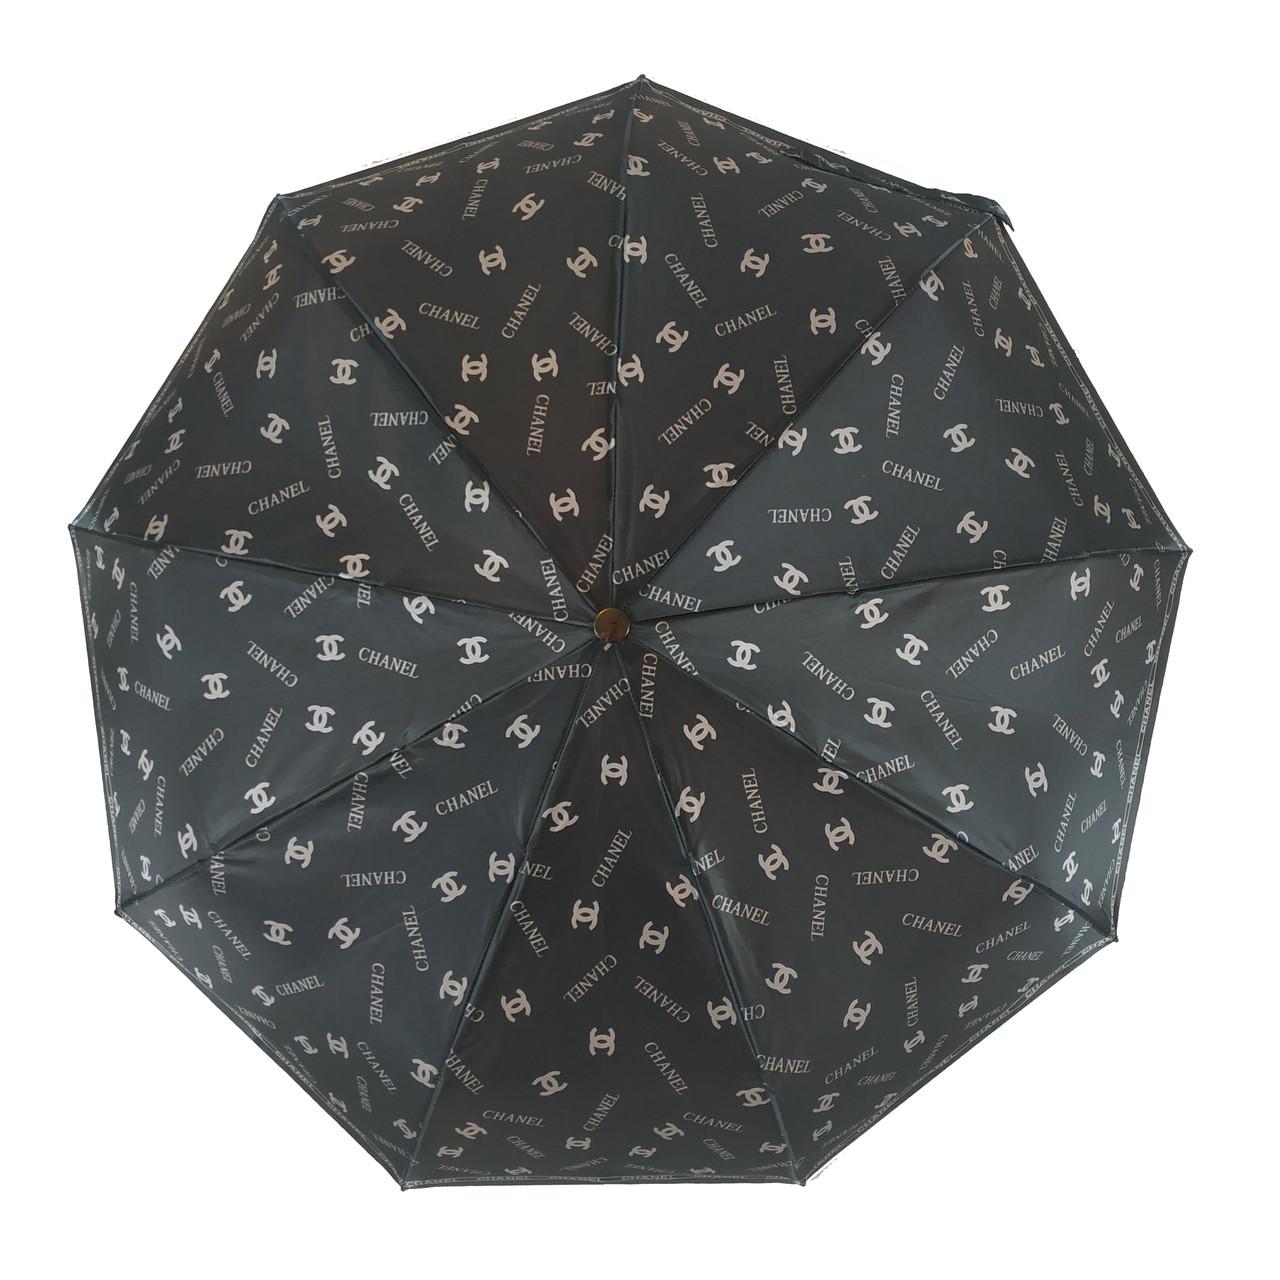 Женский зонт автомат Zita, с изображением логотипов модных брендов, 6020-4